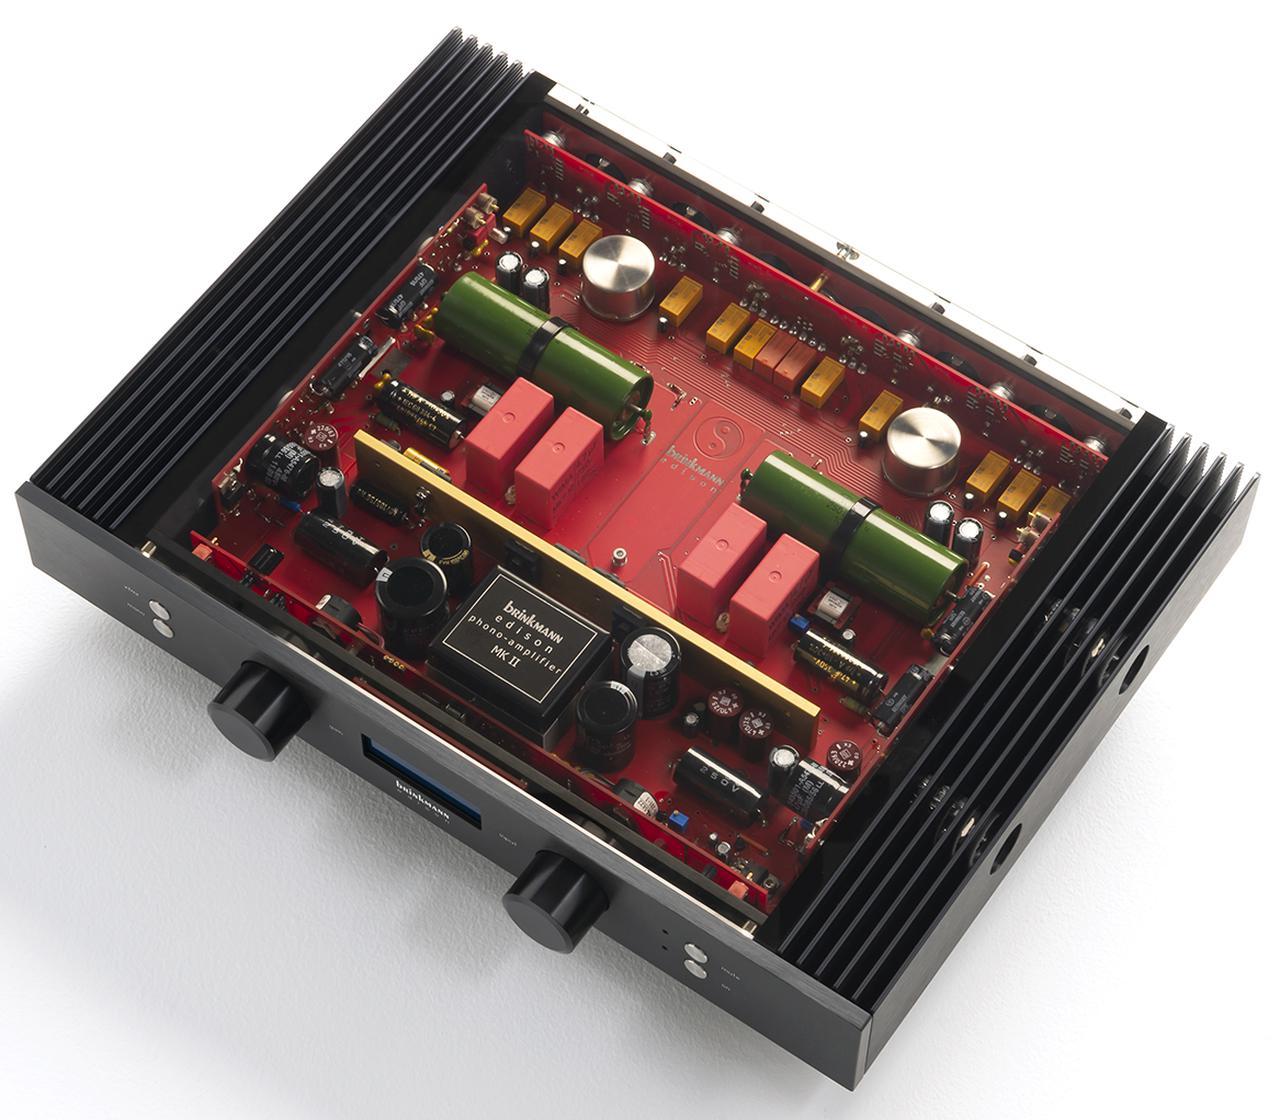 画像: ガラス製天板の内部を見る。ゲインステージを半導体、イコライザー回路を3極5極複合管のテレフンケン製PCF803で構成するハイブリッド構成。リアパネル側にルンダール製入力トランスを装備。フロントパネルの「xfmr」切替えスイッチによってトランス受けのバランス入力が可能になる。